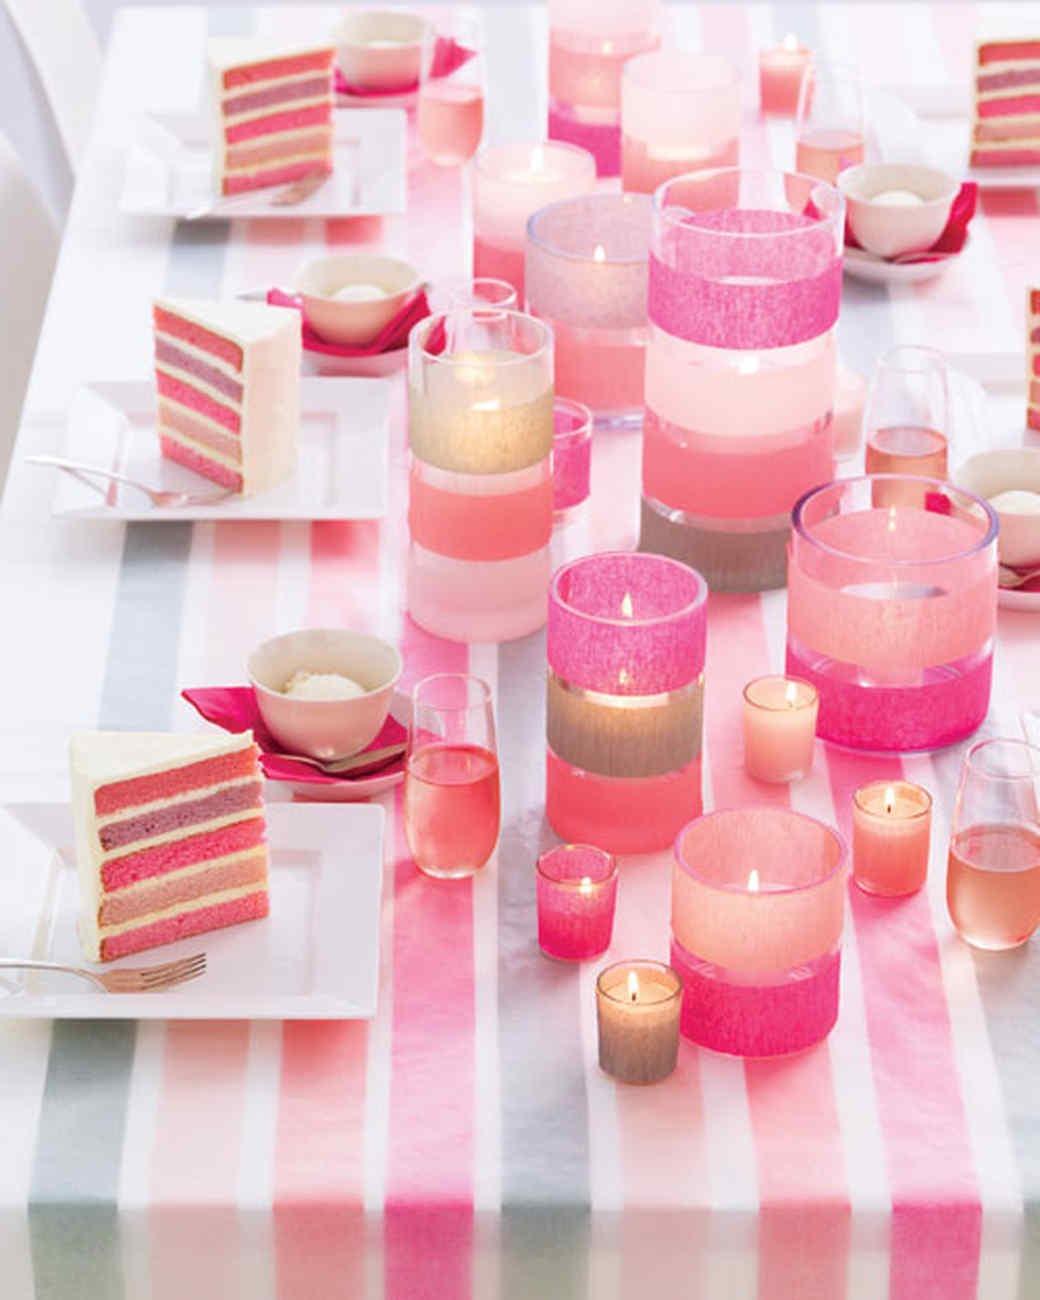 Fêter un anniversaire important, comme 30 ans, 50 ans, etc. nécessite une décoration spéciale.